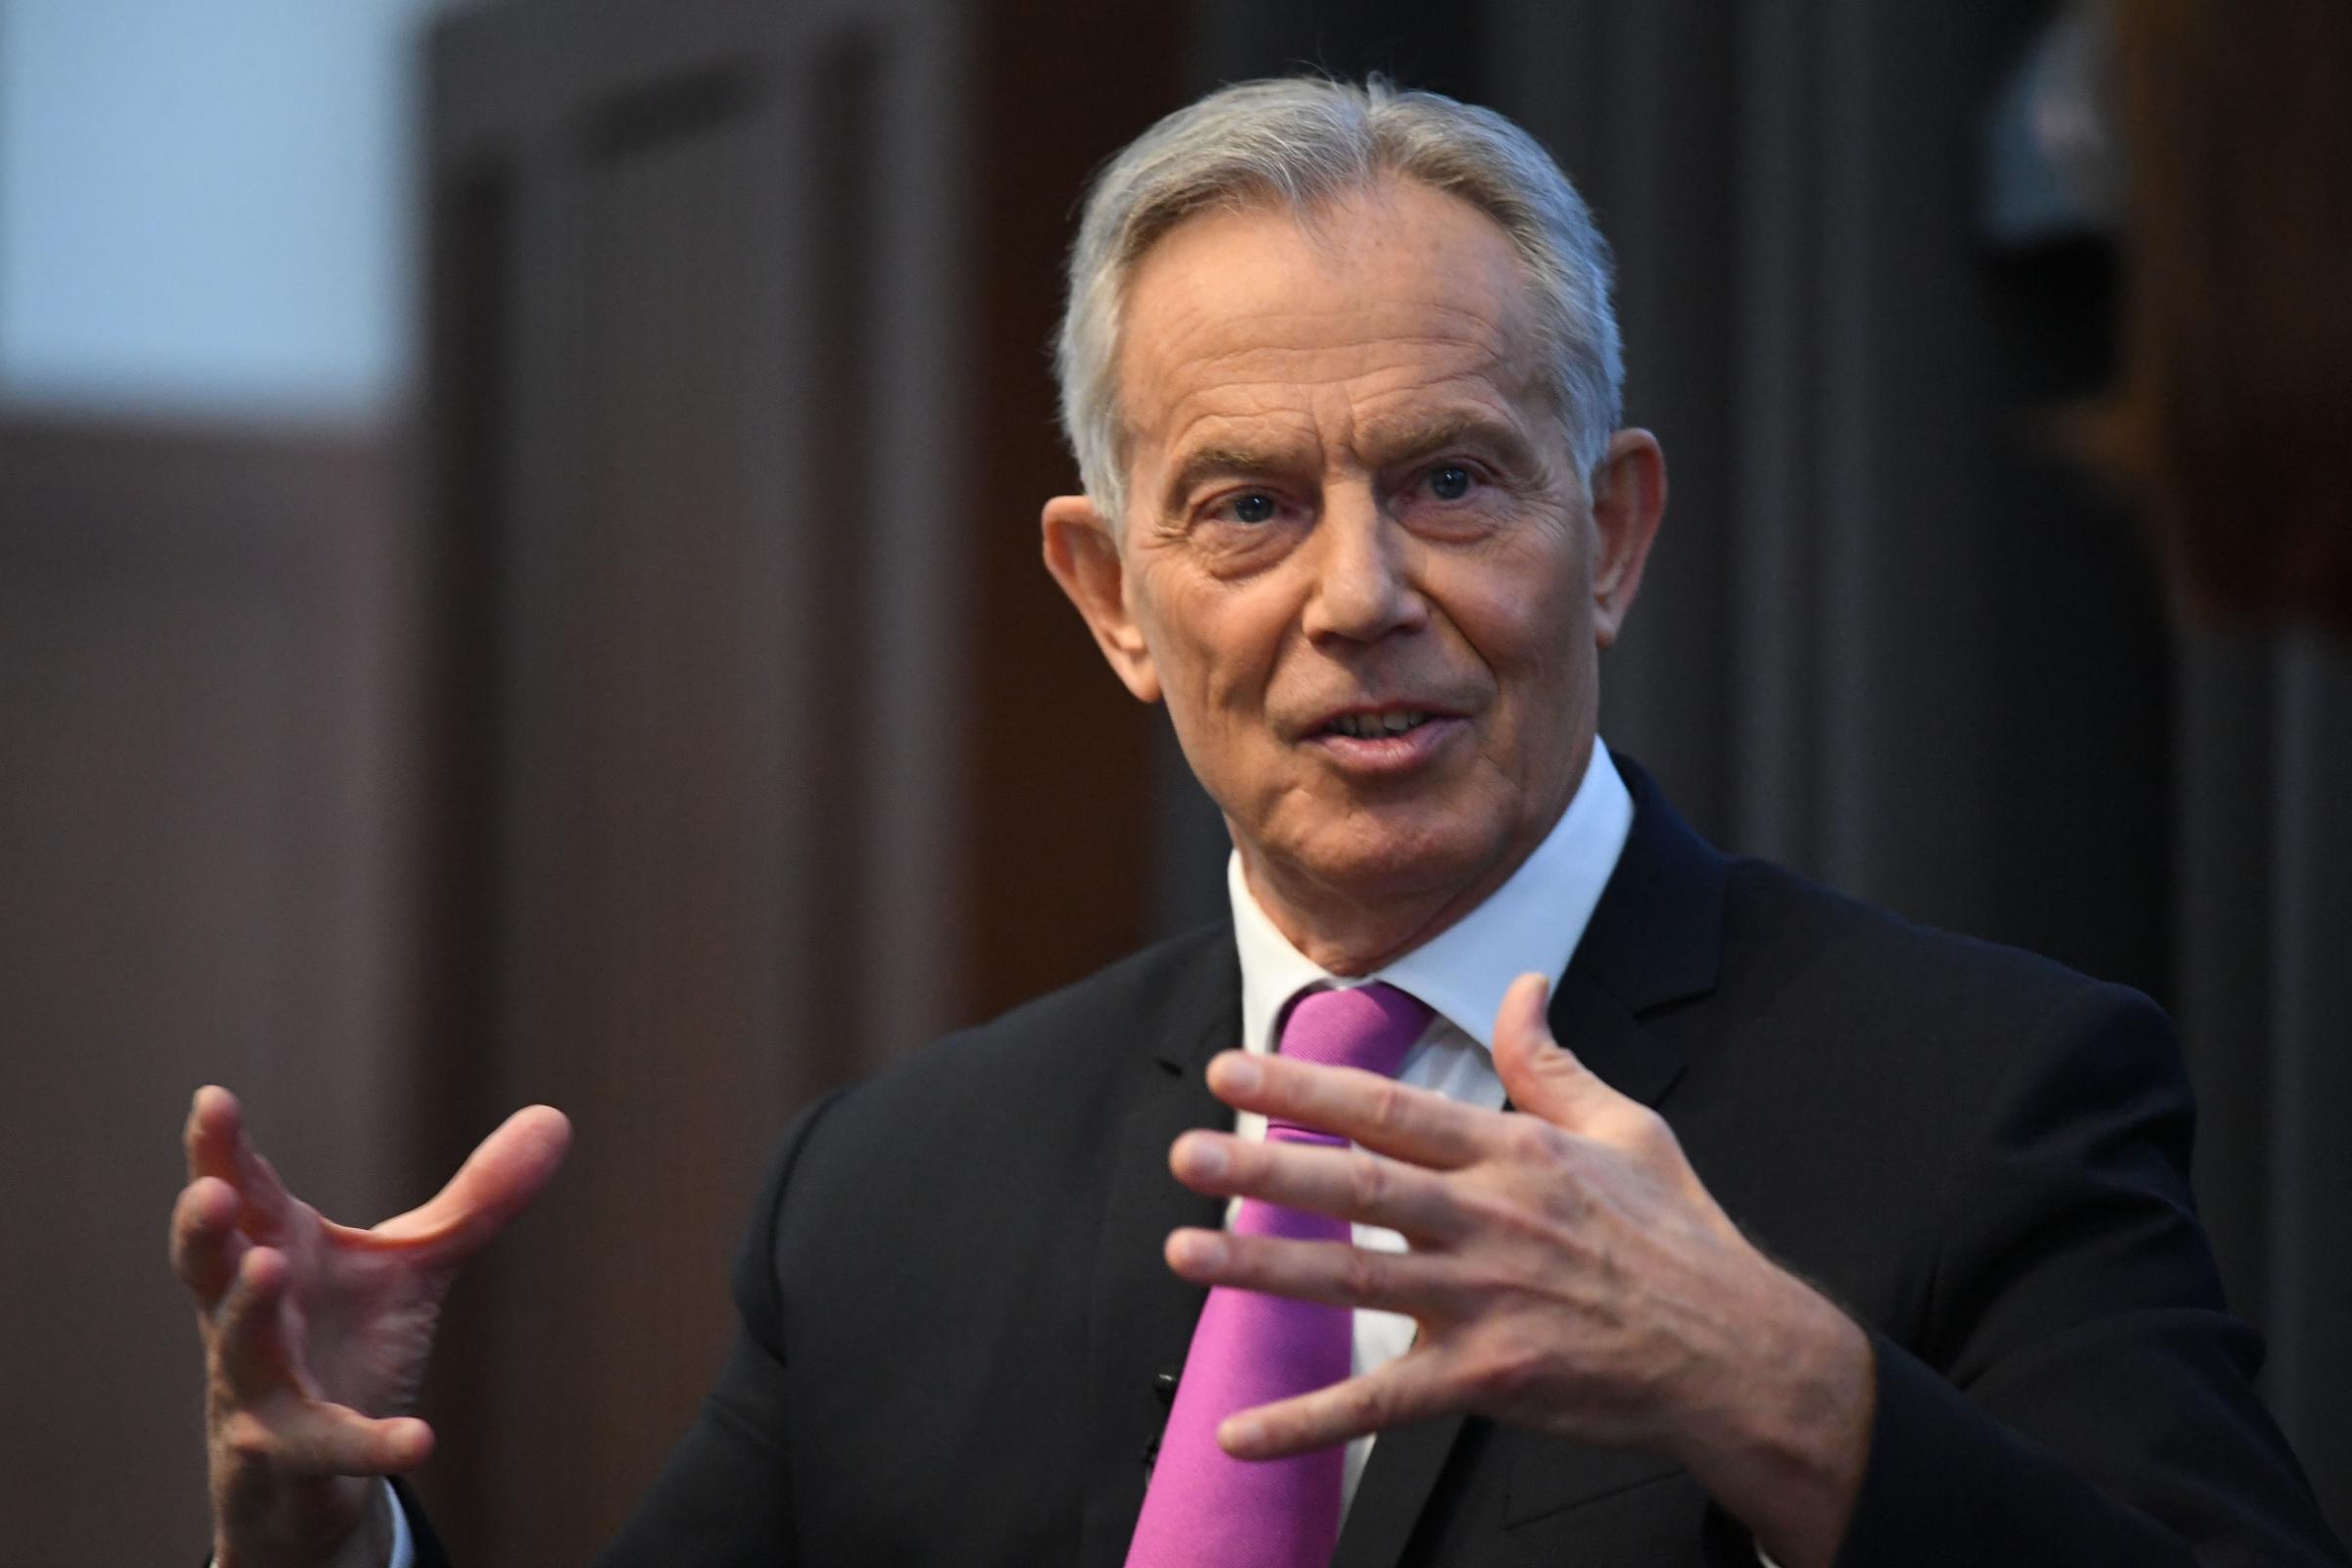 Semana de Tony Blair: nunca fui un fanático de las alfombras, siempre fue Louis Vuitton para mí